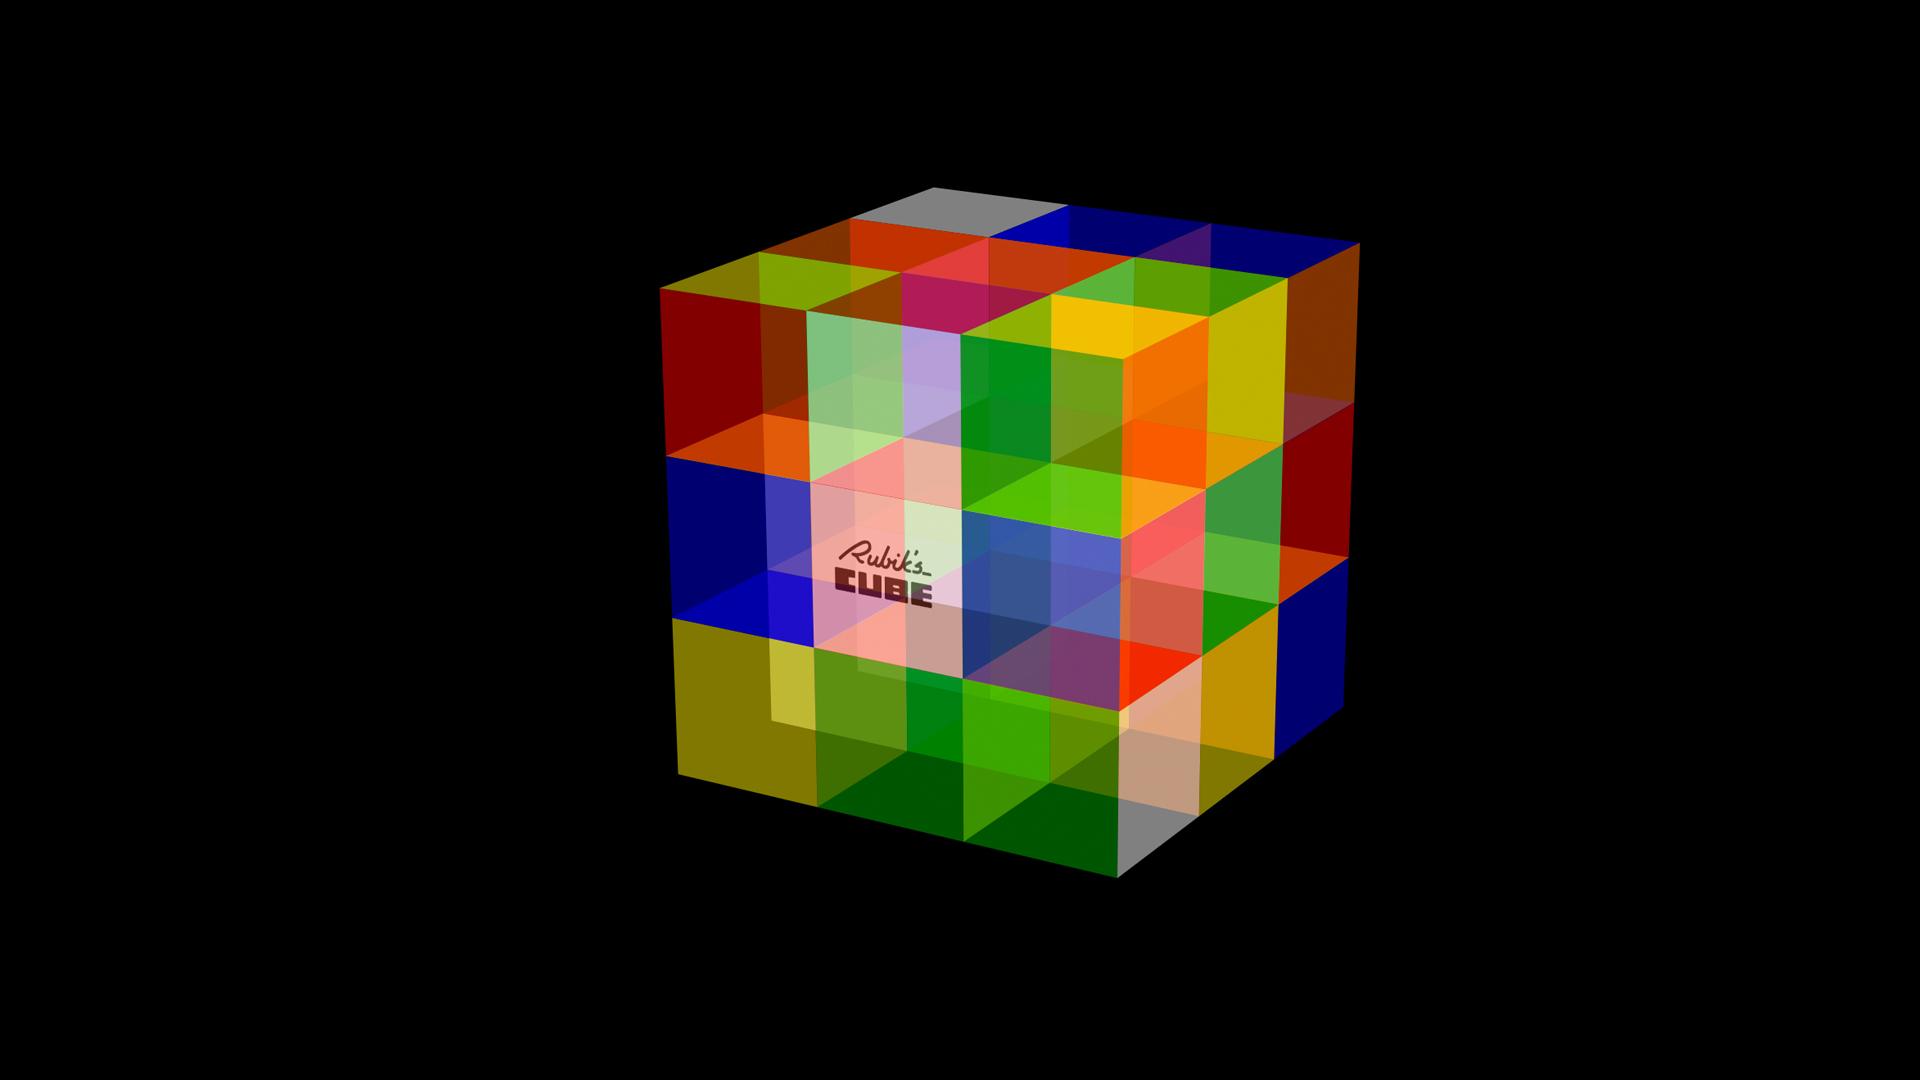 Кубики  № 2315819  скачать